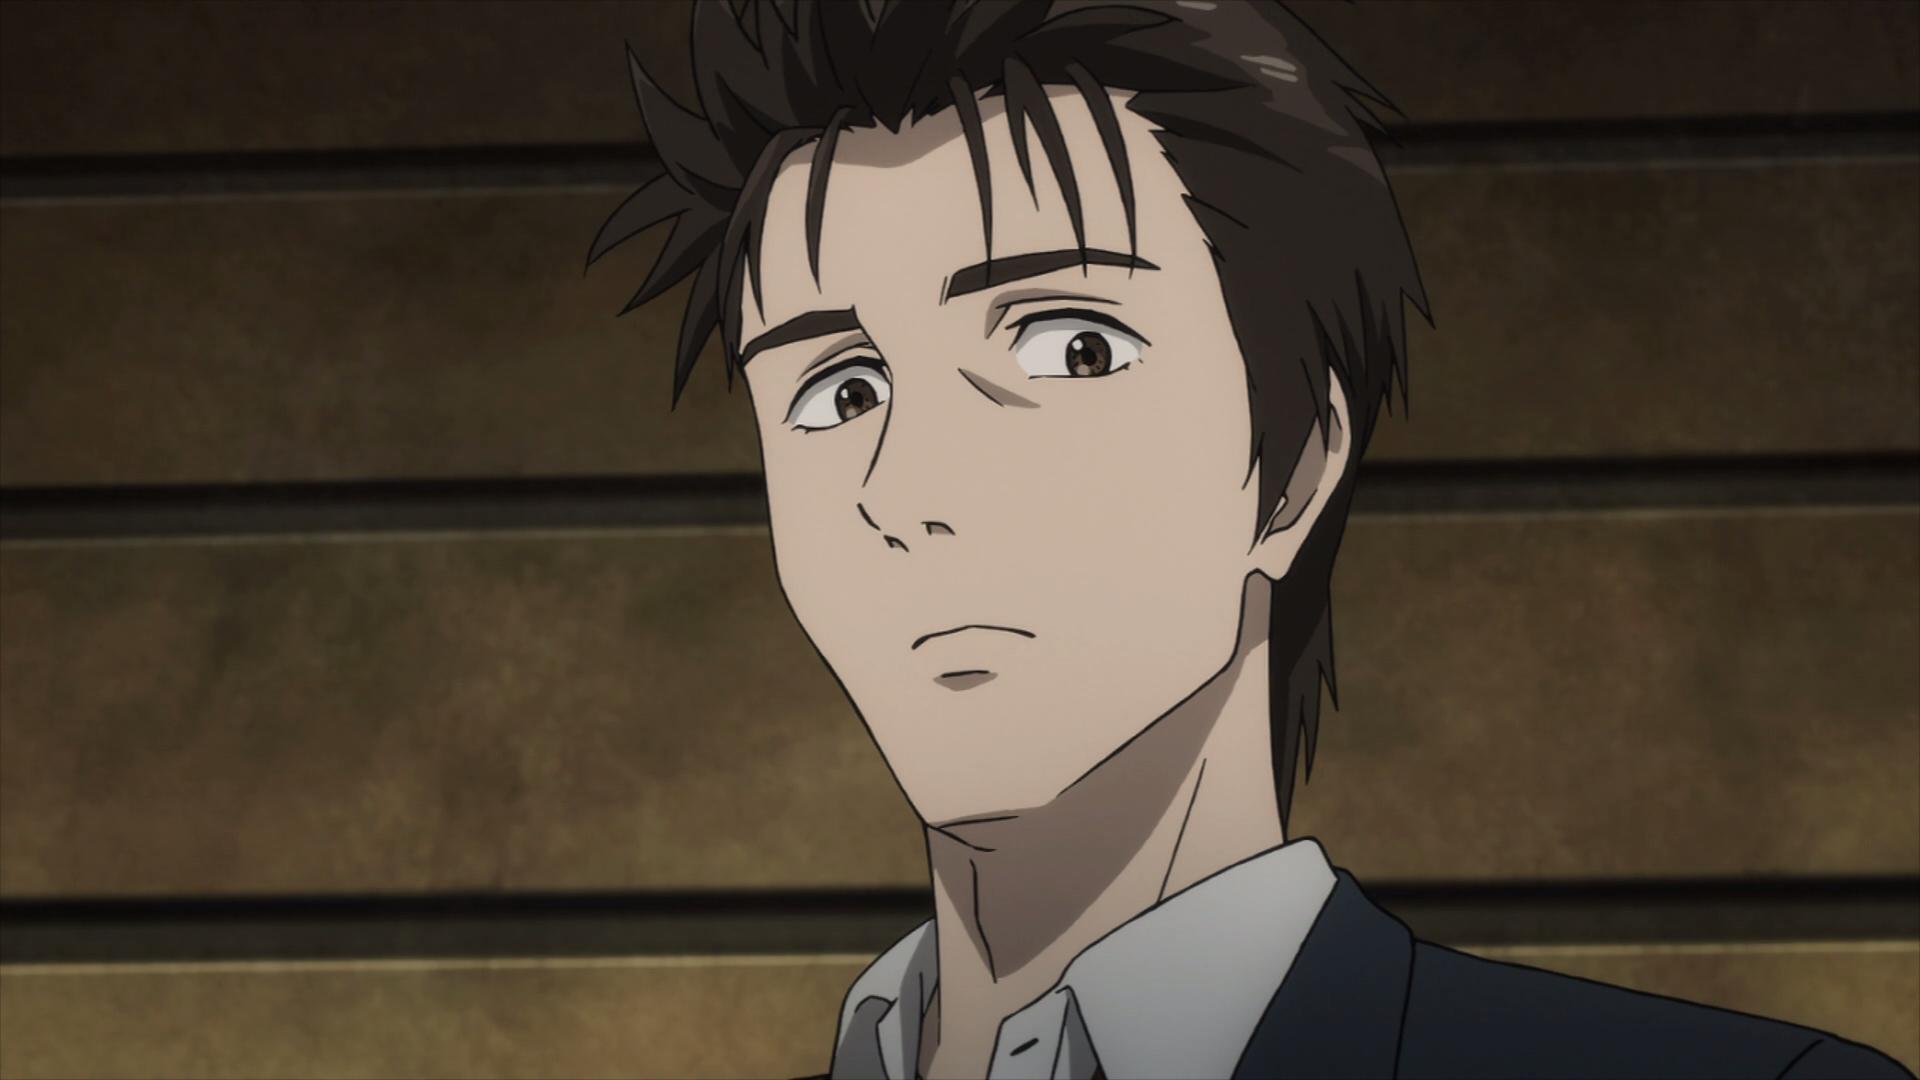 Картинки персонажей из аниме паразит